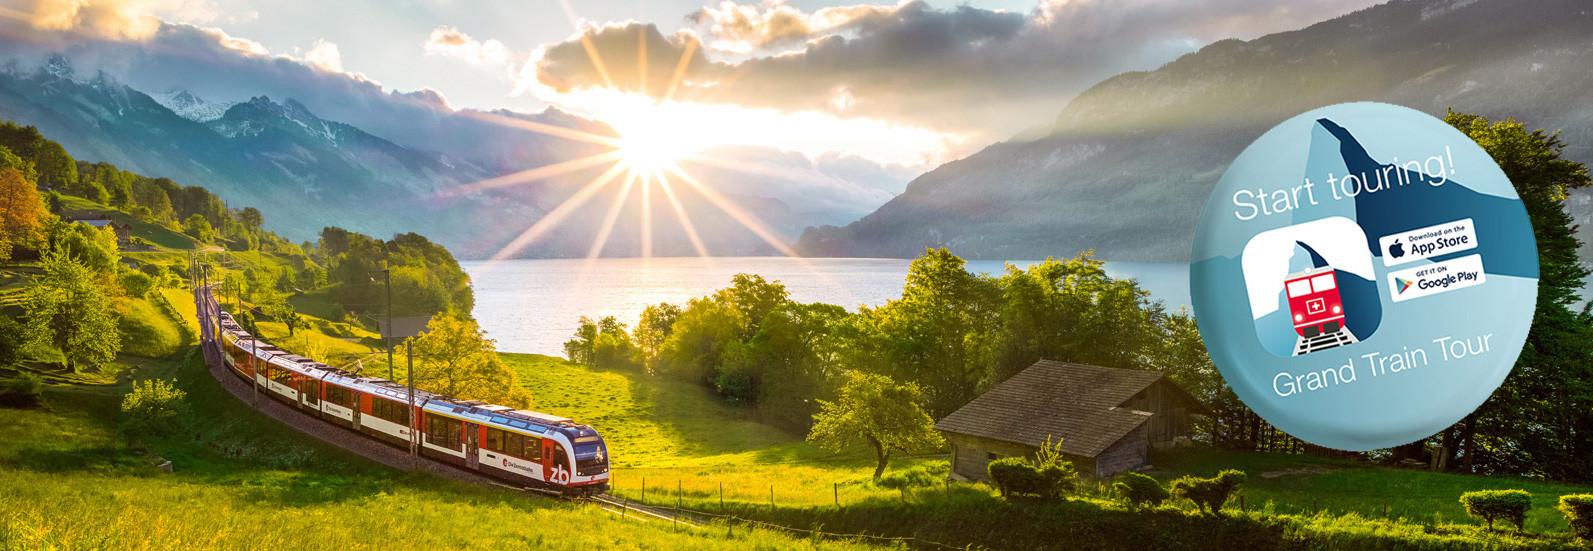 Erleben Sie die schönsten Seiten der Schweiz mit Zug und Schiff.